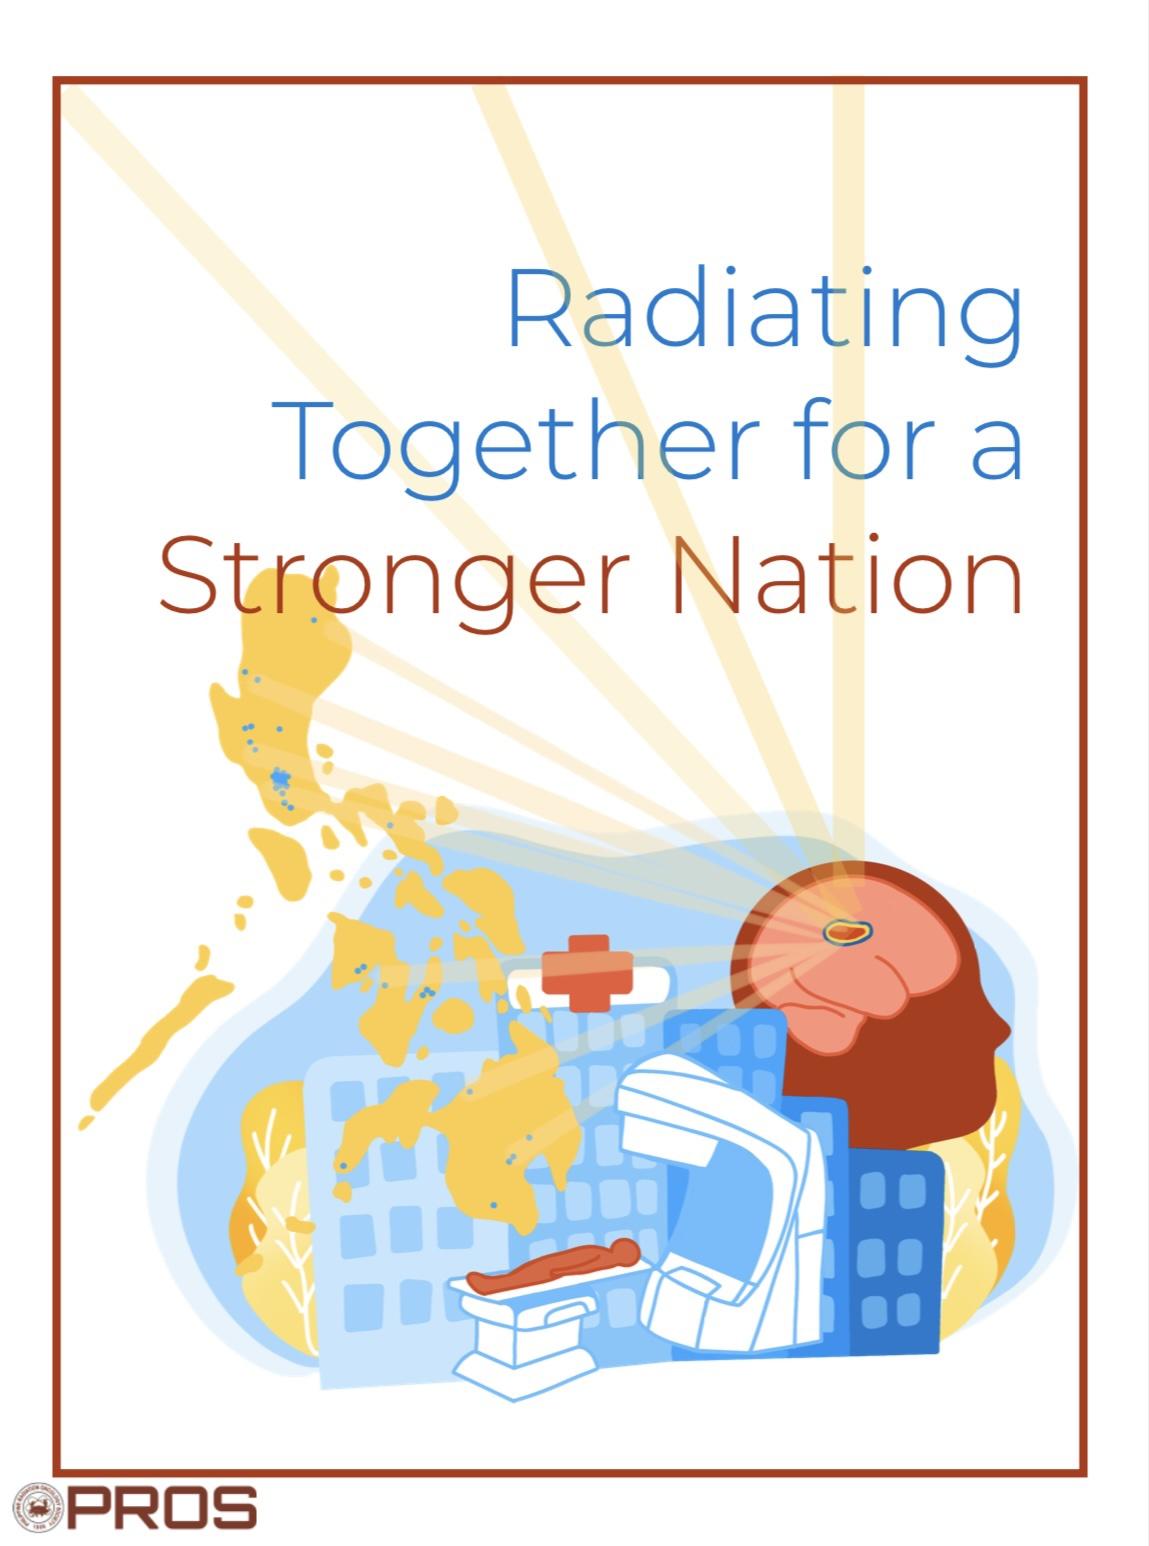 Radiating together 2